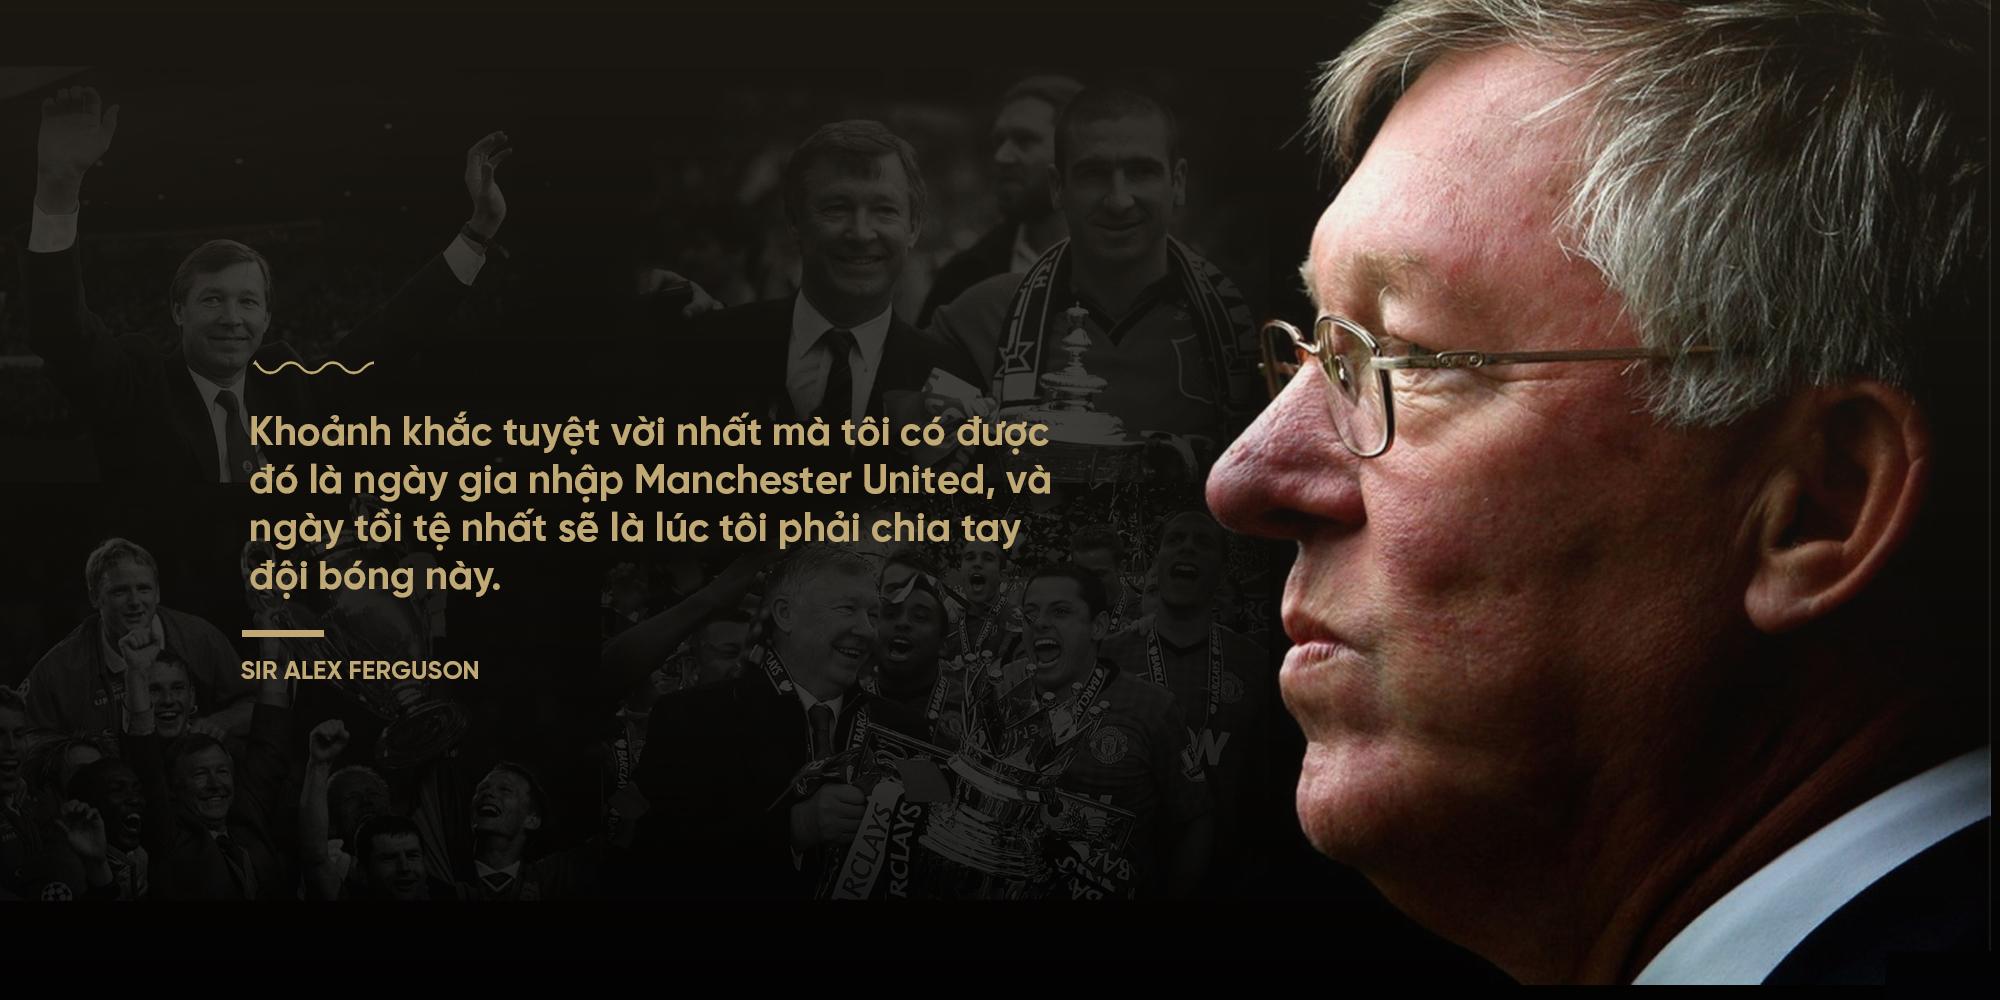 Sir Alex Ferguson: Vẫn cháy mãi ngàn năm một trái tim tình si - Ảnh 17.